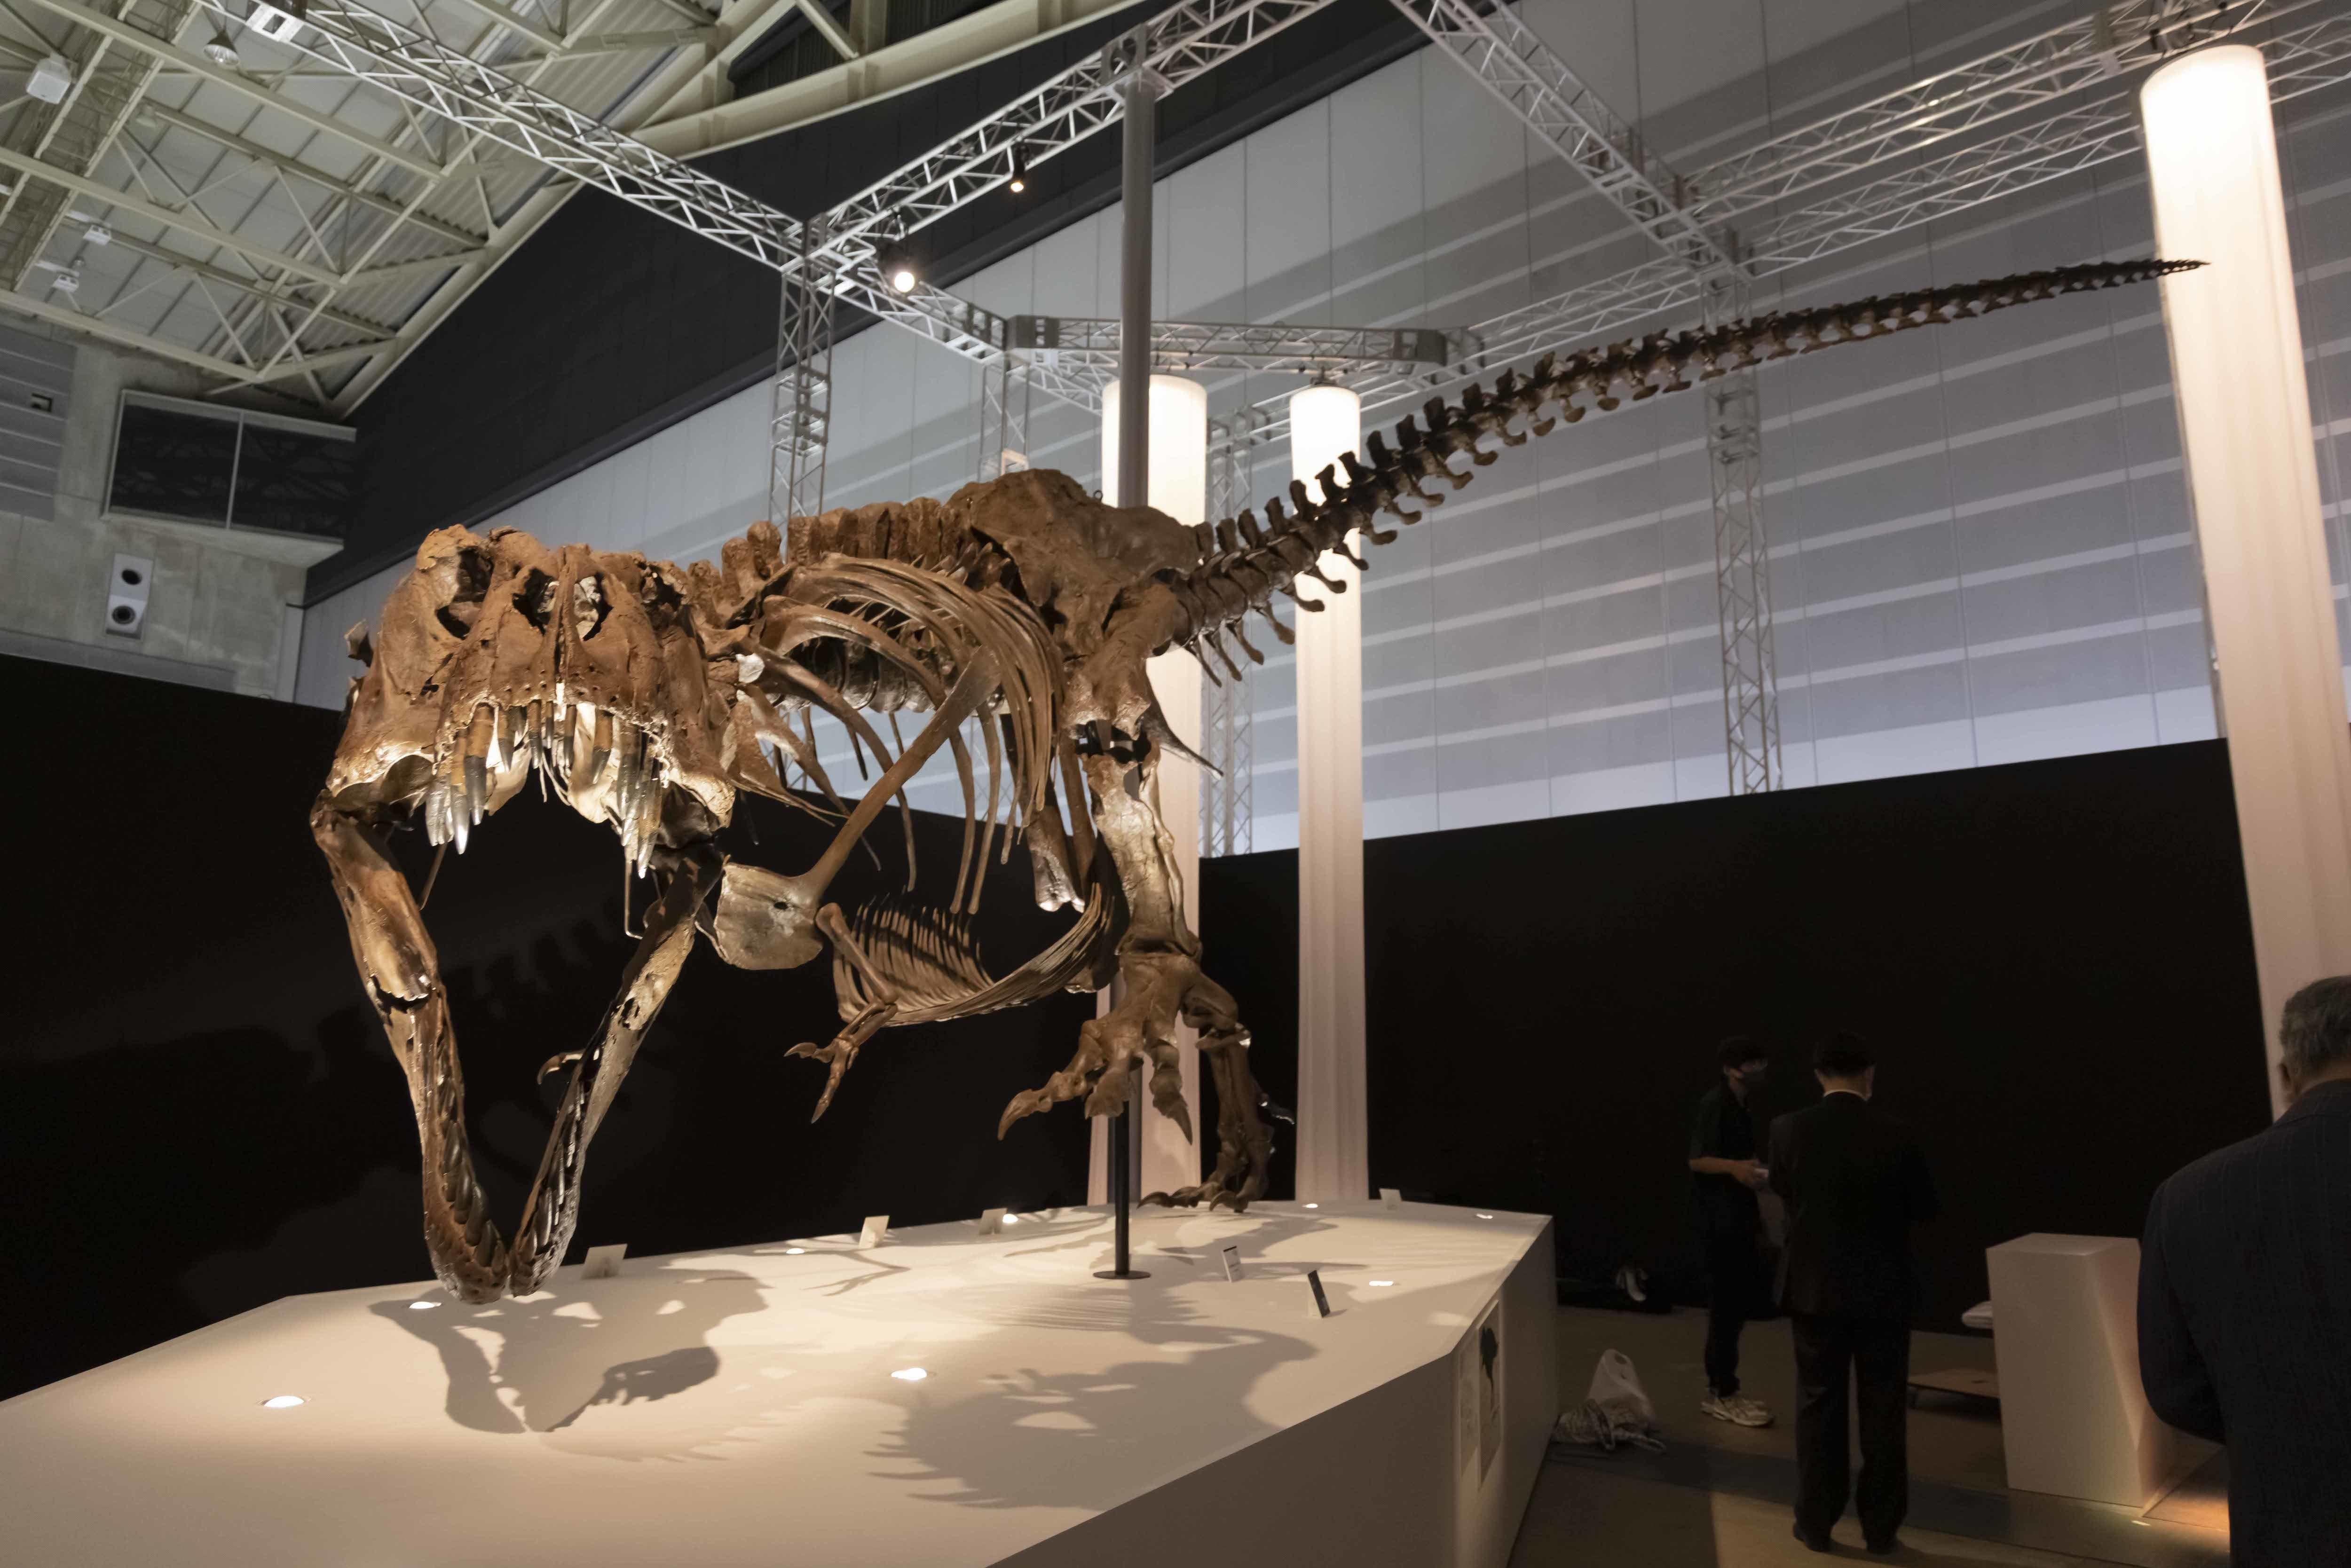 ティラノサウルス「スタン」 ※ヒューストン自然科学博物館所蔵